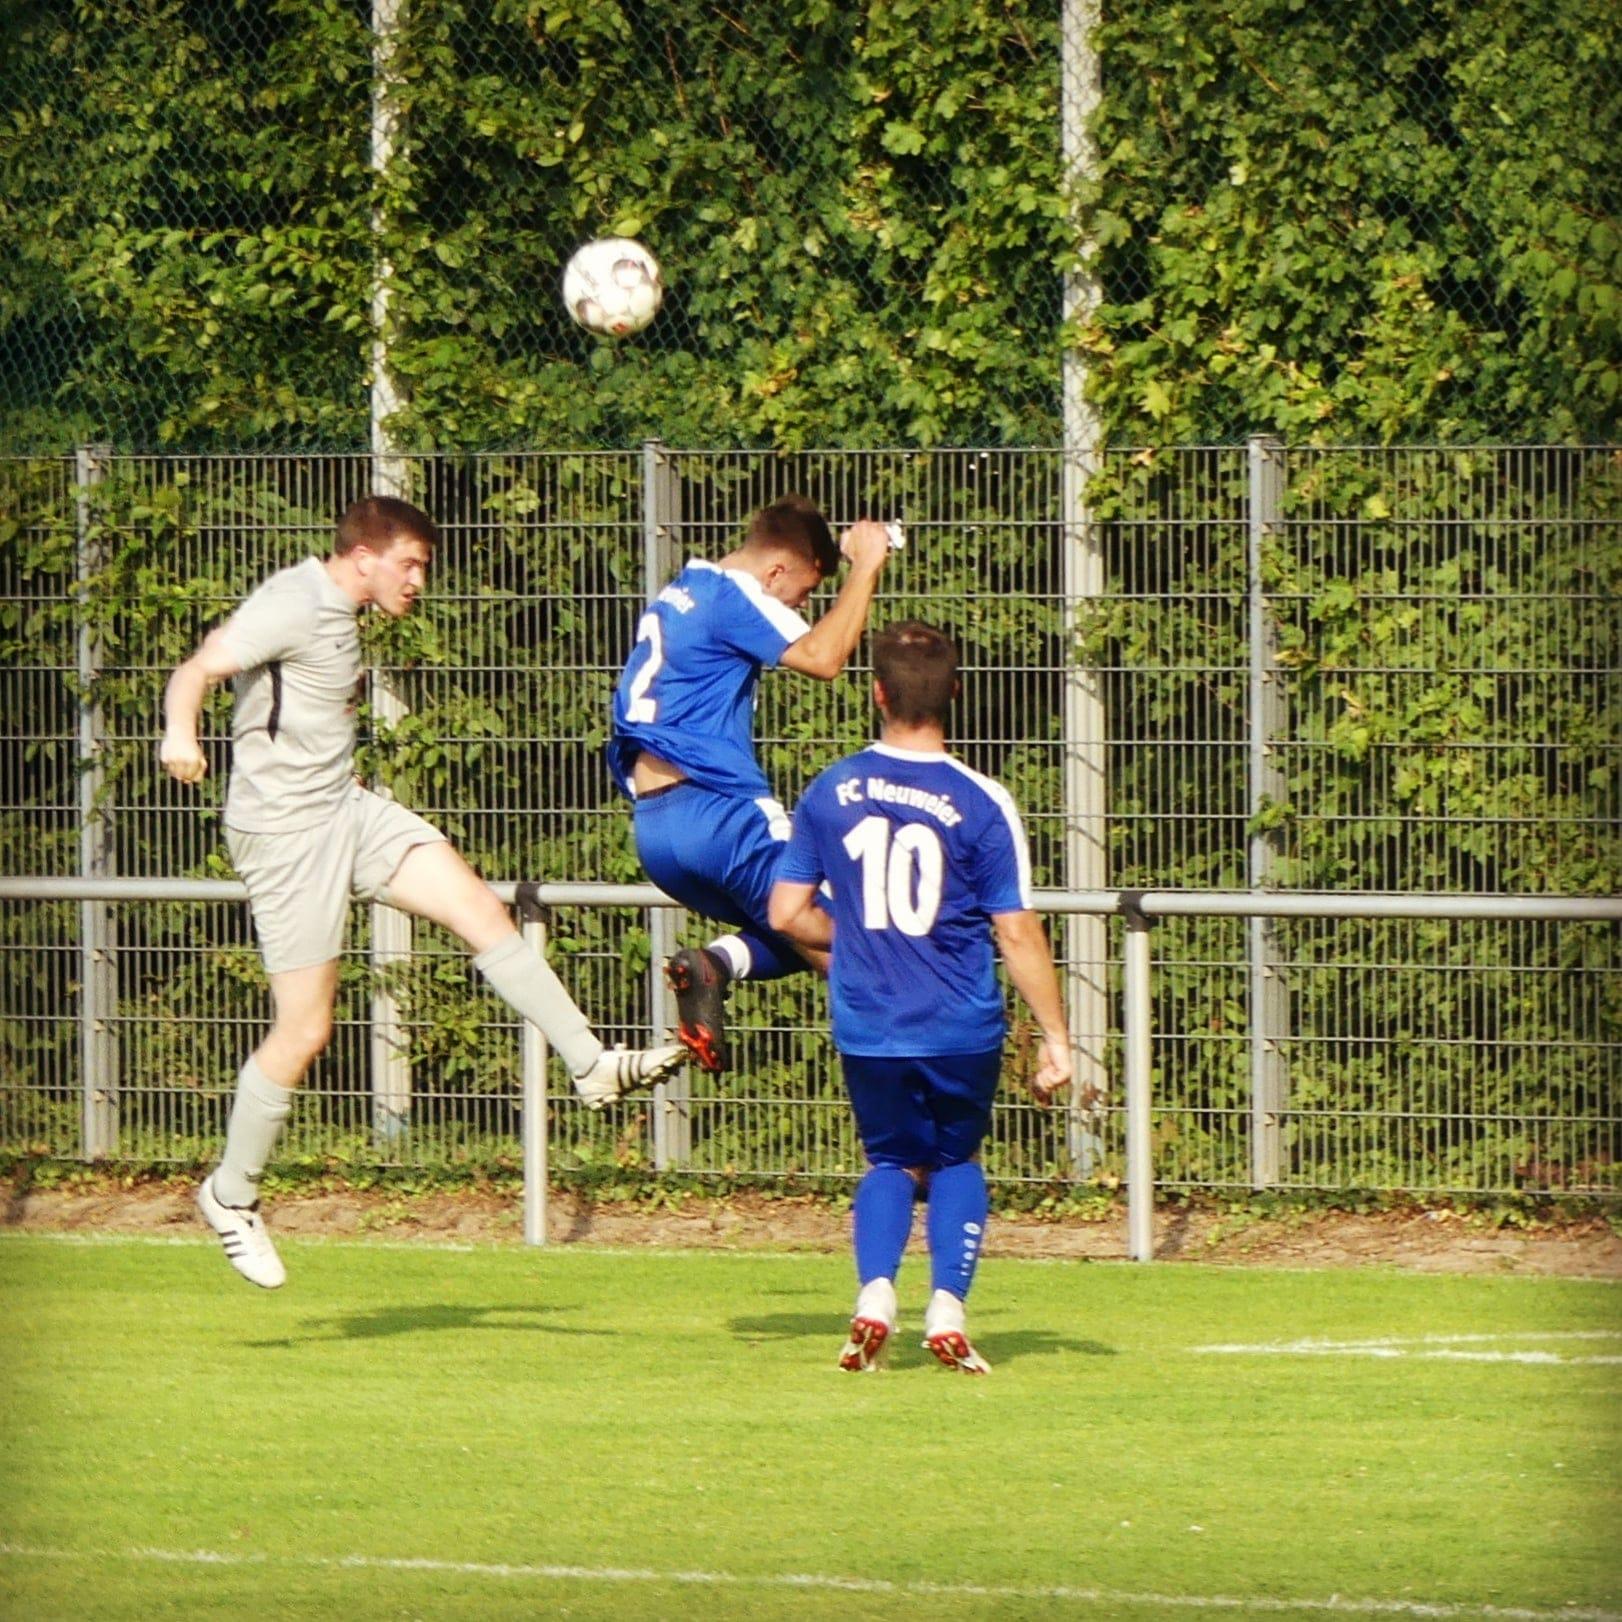 Bezirkspokal 2021 FCN-FCV